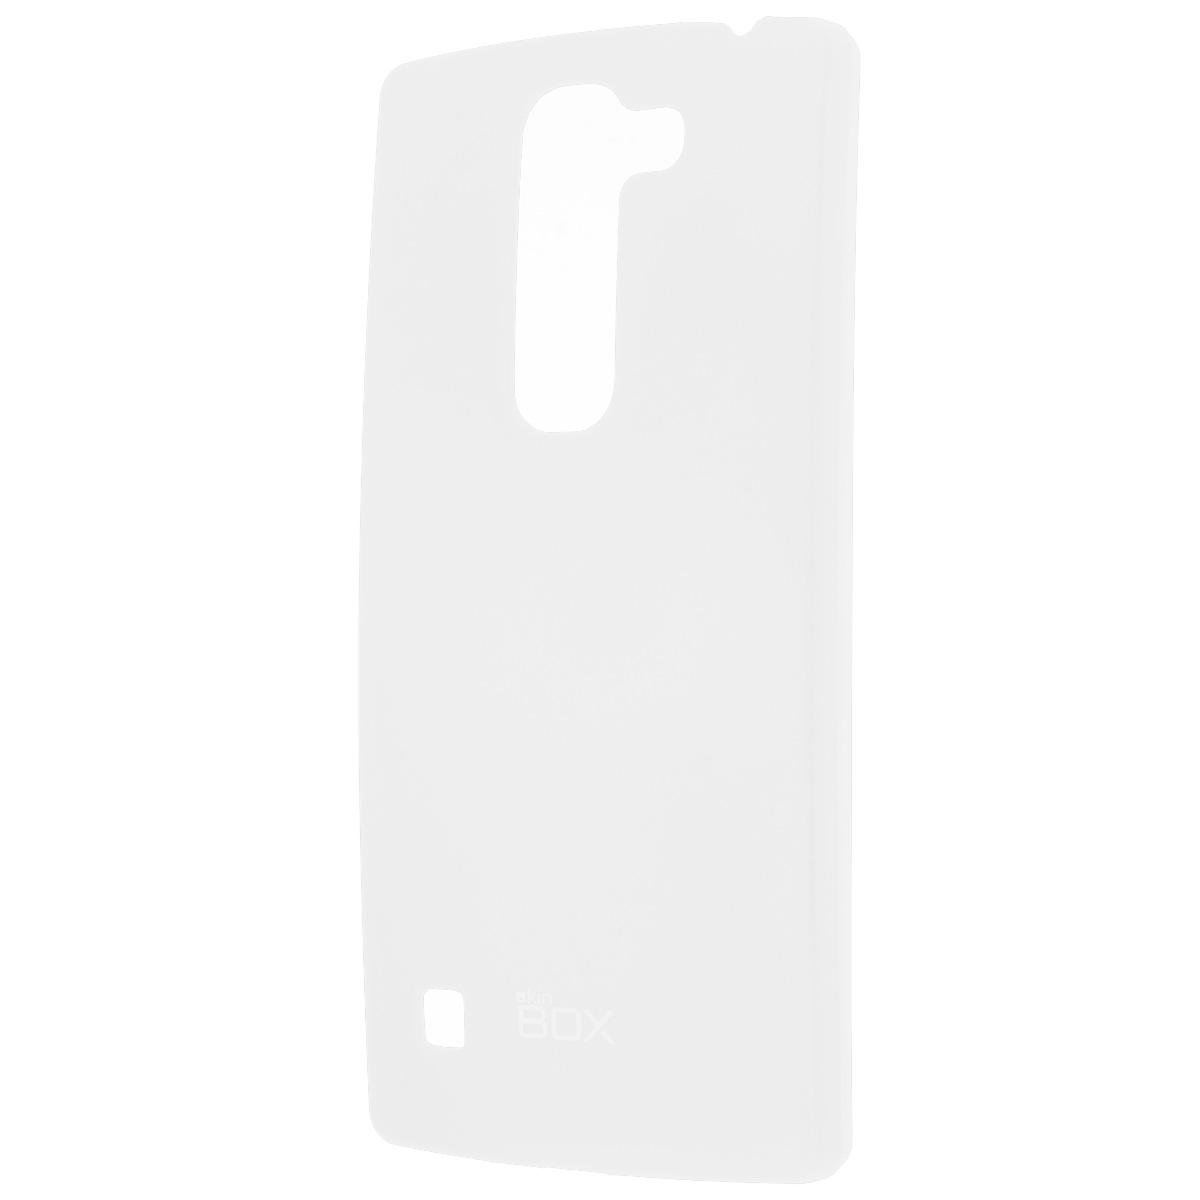 Skinbox Shield 4People чехол для LG Spirit, WhiteT-S-LS-002Накладка Skinbox Shield 4People для LG Spirit - отличный аксессуар для защиты корпуса вашего смартфона от внешних повреждений, сохраняющий размеры устройства и обеспечивающий удобство работы с ним. Устойчивый к истиранию пластик надежно амортизирует мелкие механические воздействия и предотвращает появление царапин или потертостей на корпусе вашего гаджета. В комплект также входит защитная пленка для экрана смартфона.